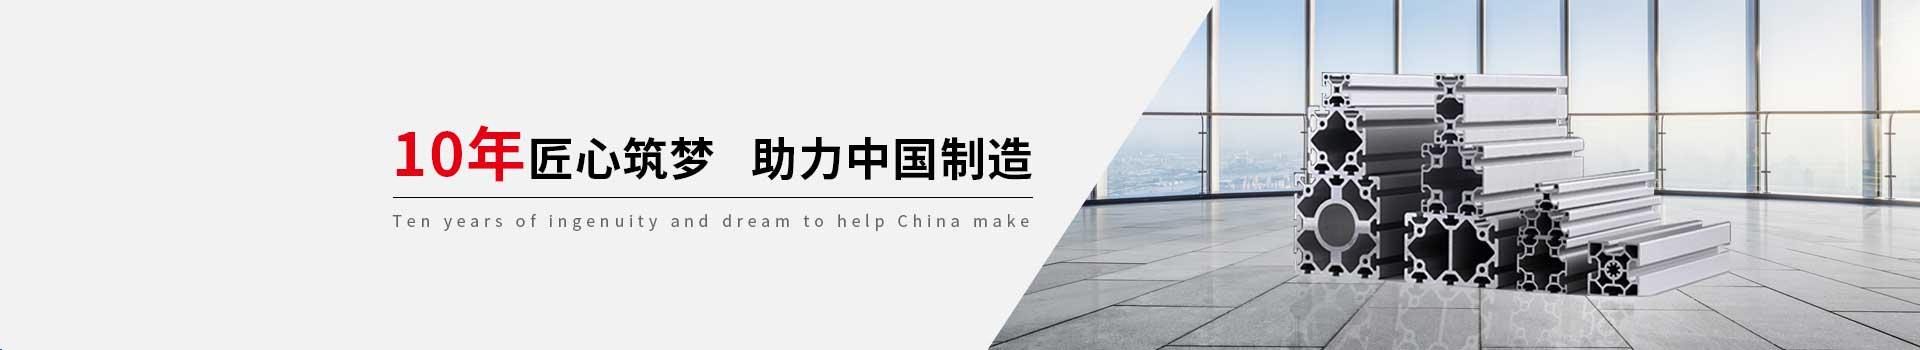 关于澳宏 10年匠心筑梦   助力中国制造